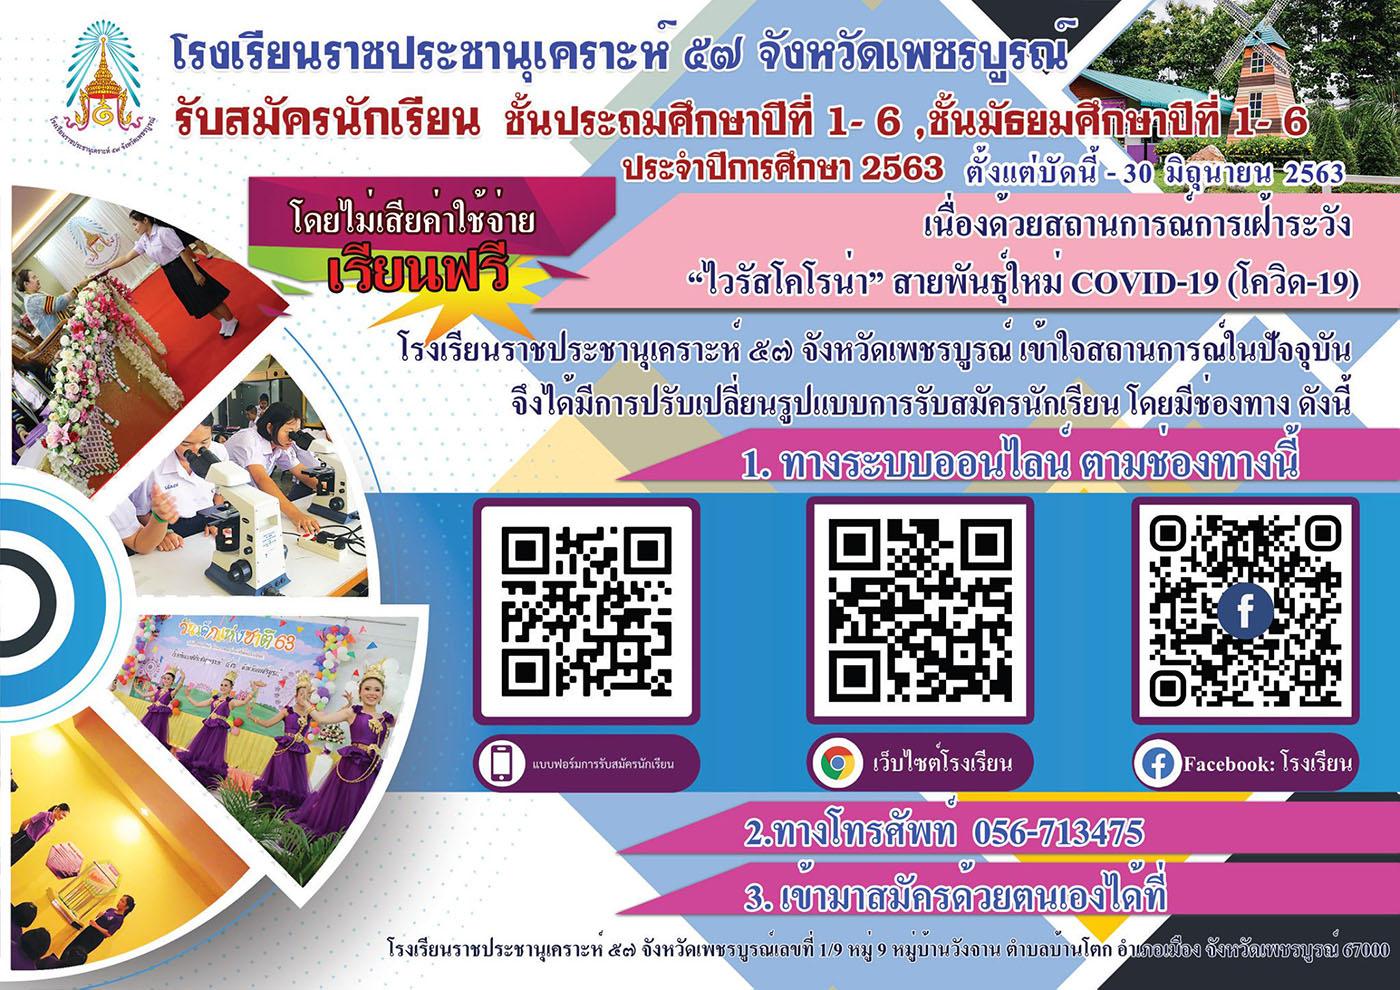 รับสมัครนักเรียนใหม่ทางออนไลน์ ประจำปีการศึกษา2563